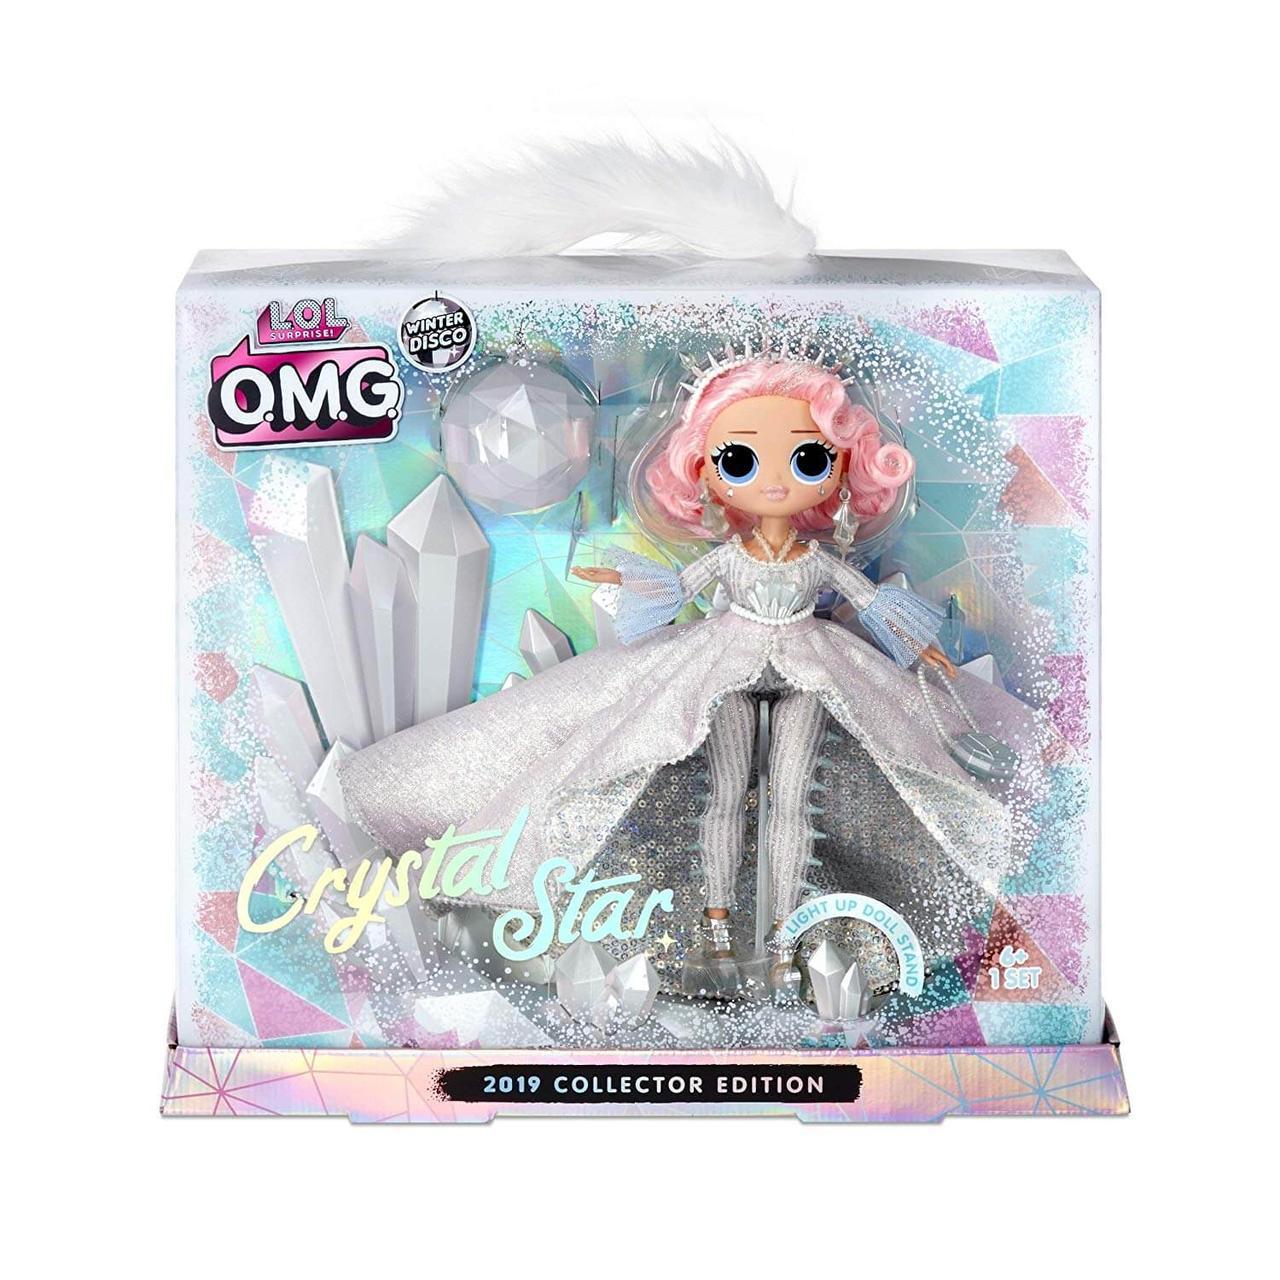 Лол Crystal Star Хрустальная Звезда (коллекционная) L.O.L. Surprise! O.M.G. Winter Disco - фото 1